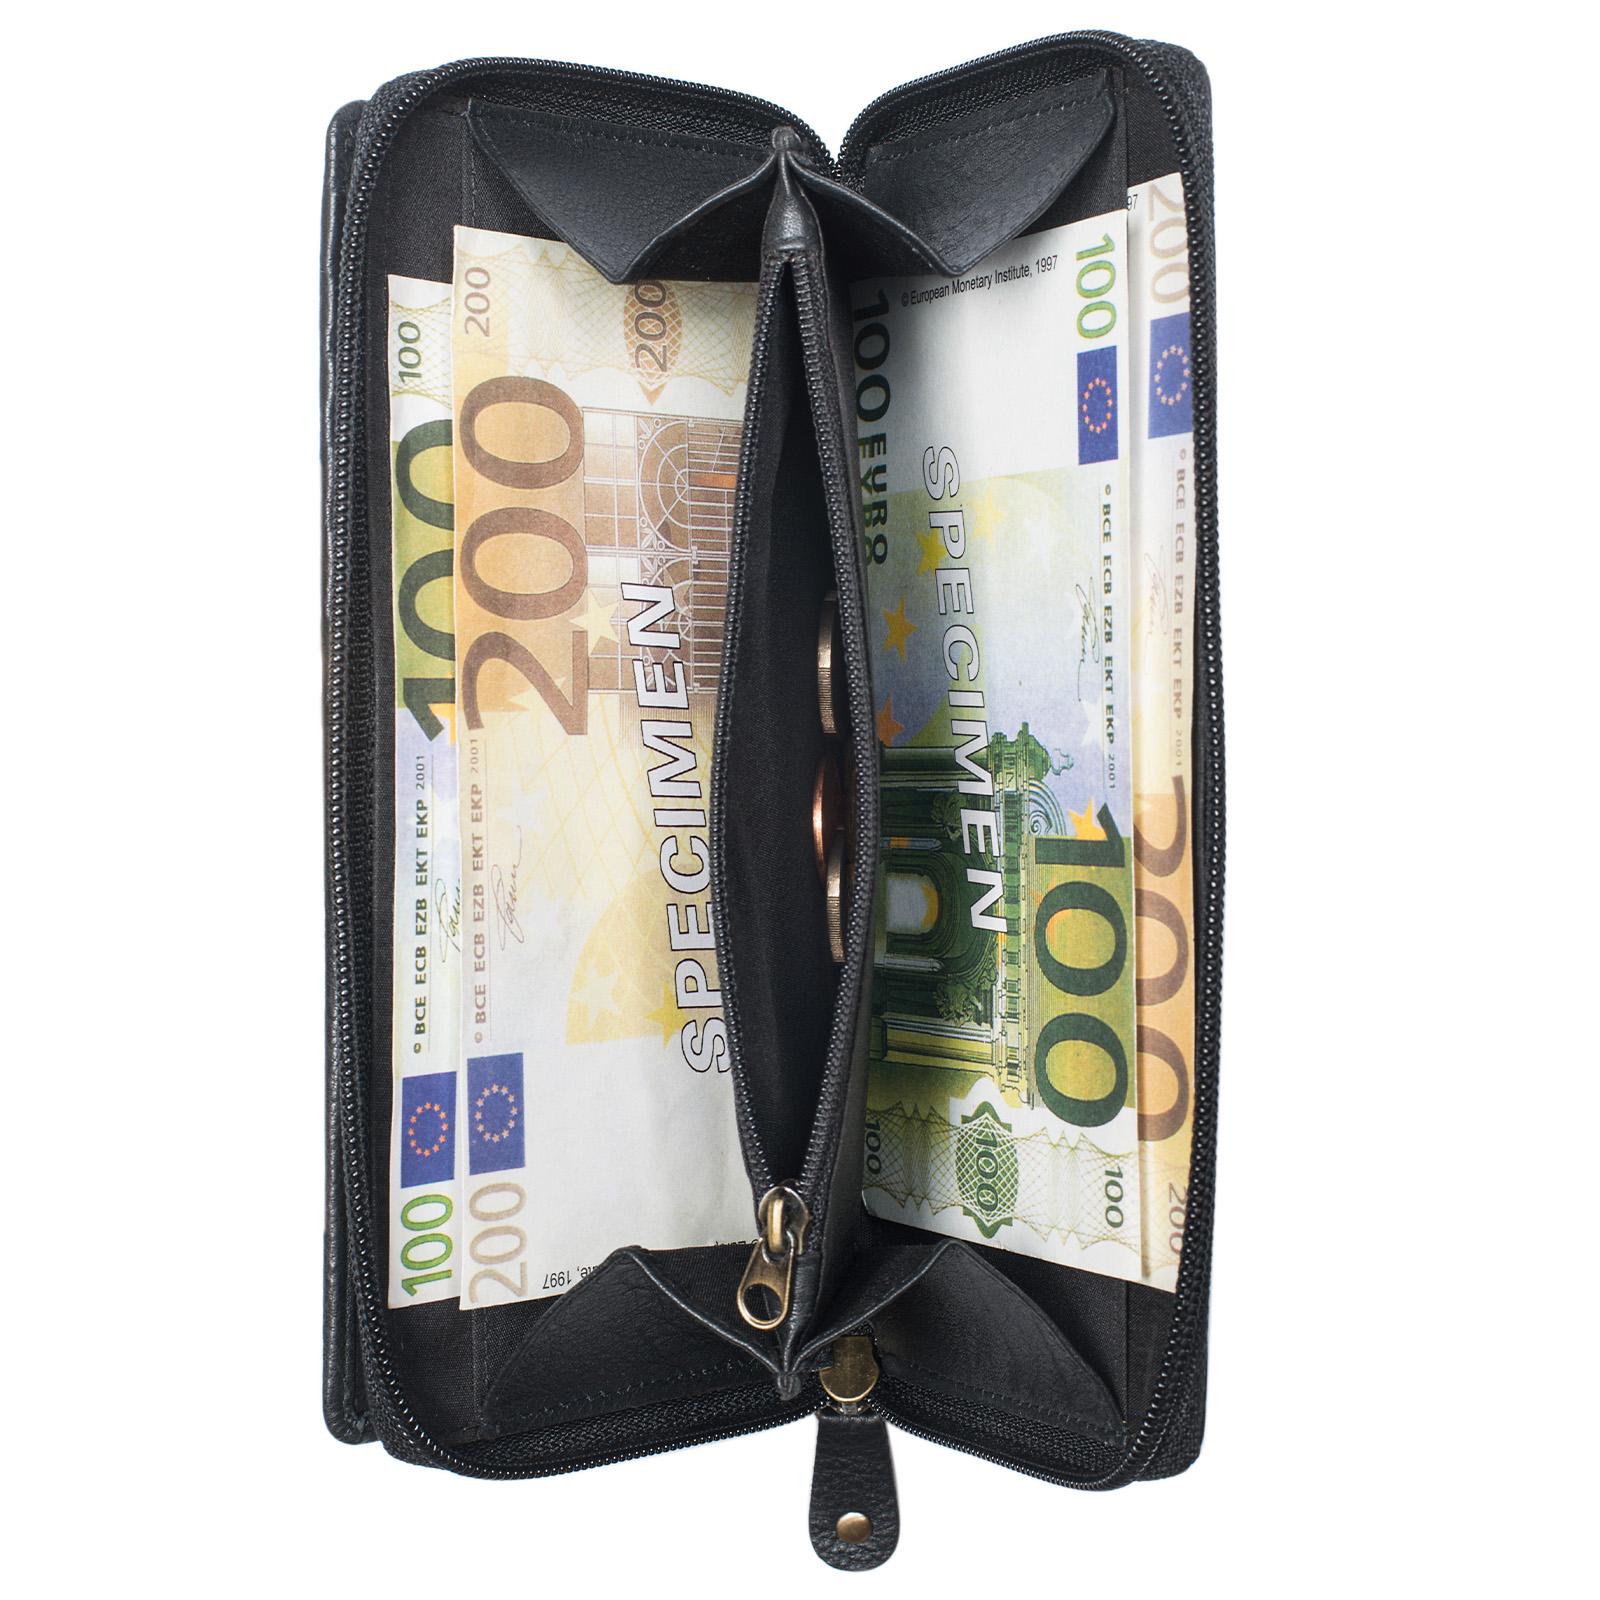 """STILORD """"Dana"""" Damen Geldbörse lang Leder Vintage Portemonnaie im Querformat große Brieftasche mit Reißverschluss für Kleingeld EC-Karten echtes Rindsleder - Bild 11"""